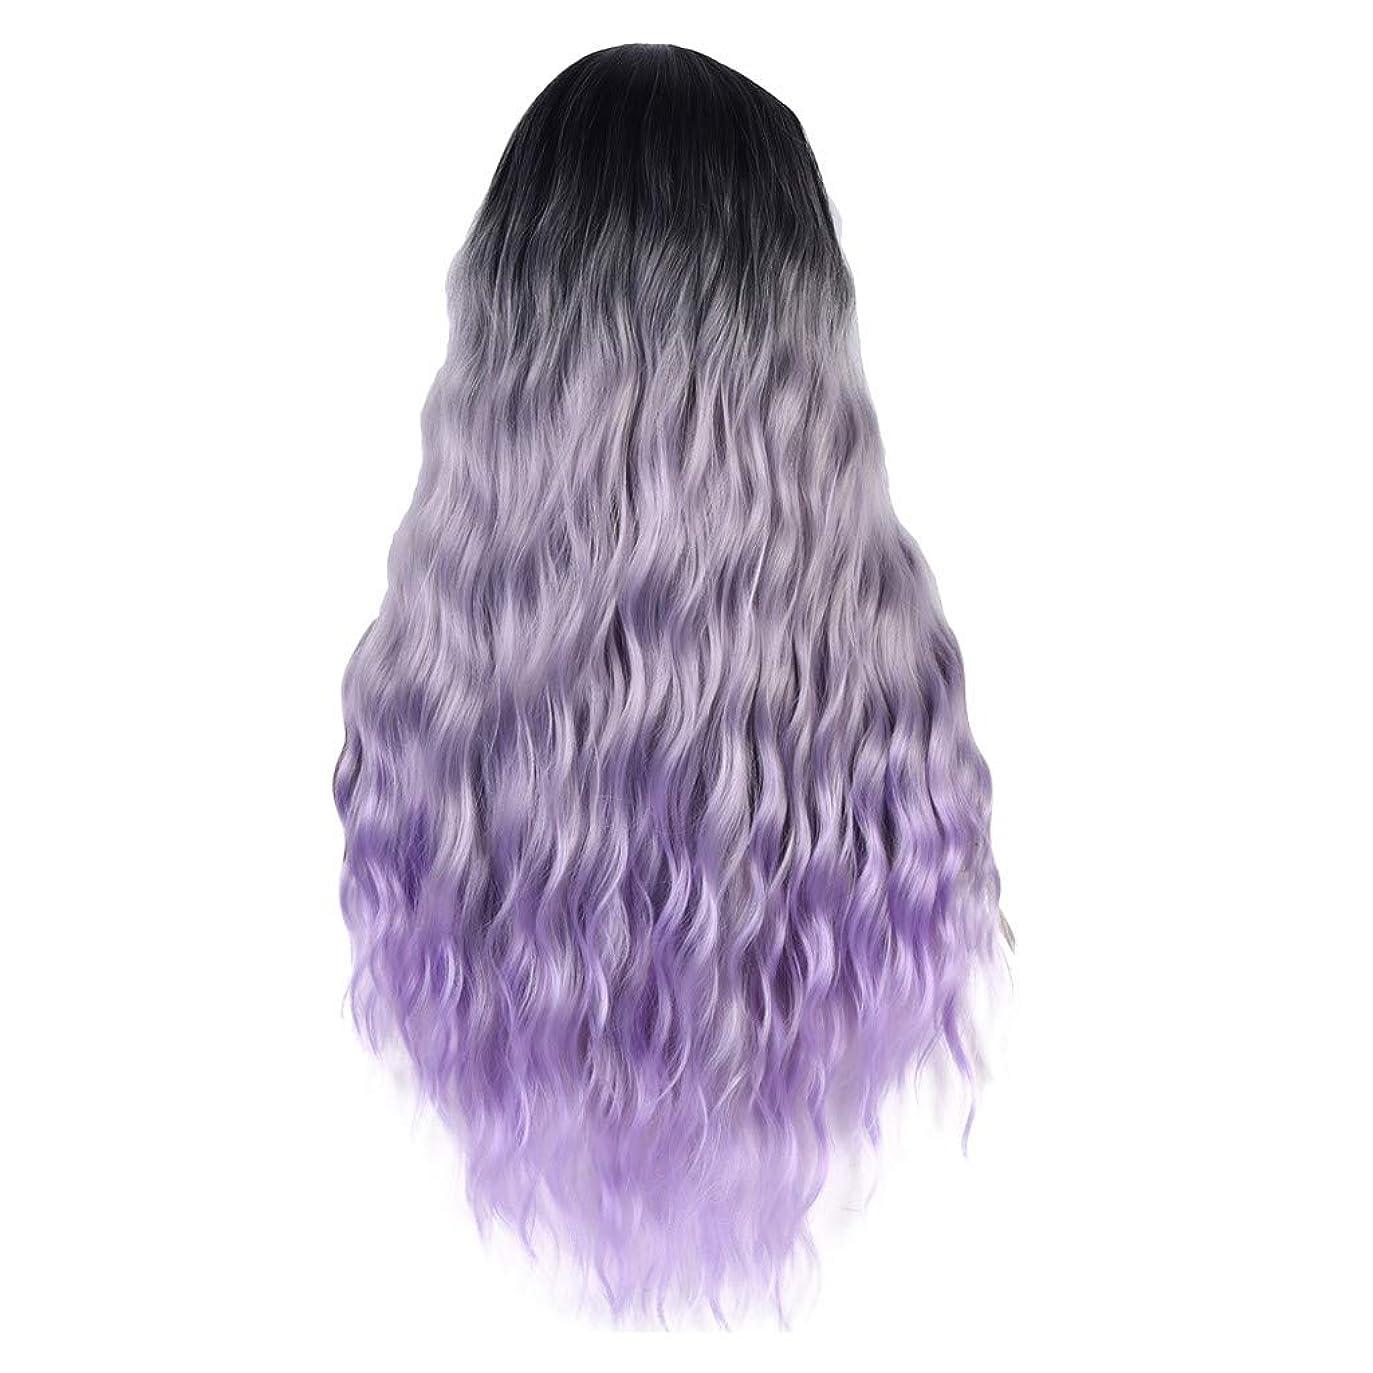 緯度タイプライター待つ女性の紫黒の長いウェーブのかかった巻き毛のセクシーなファッション個性コスプレパーティーウィッグ